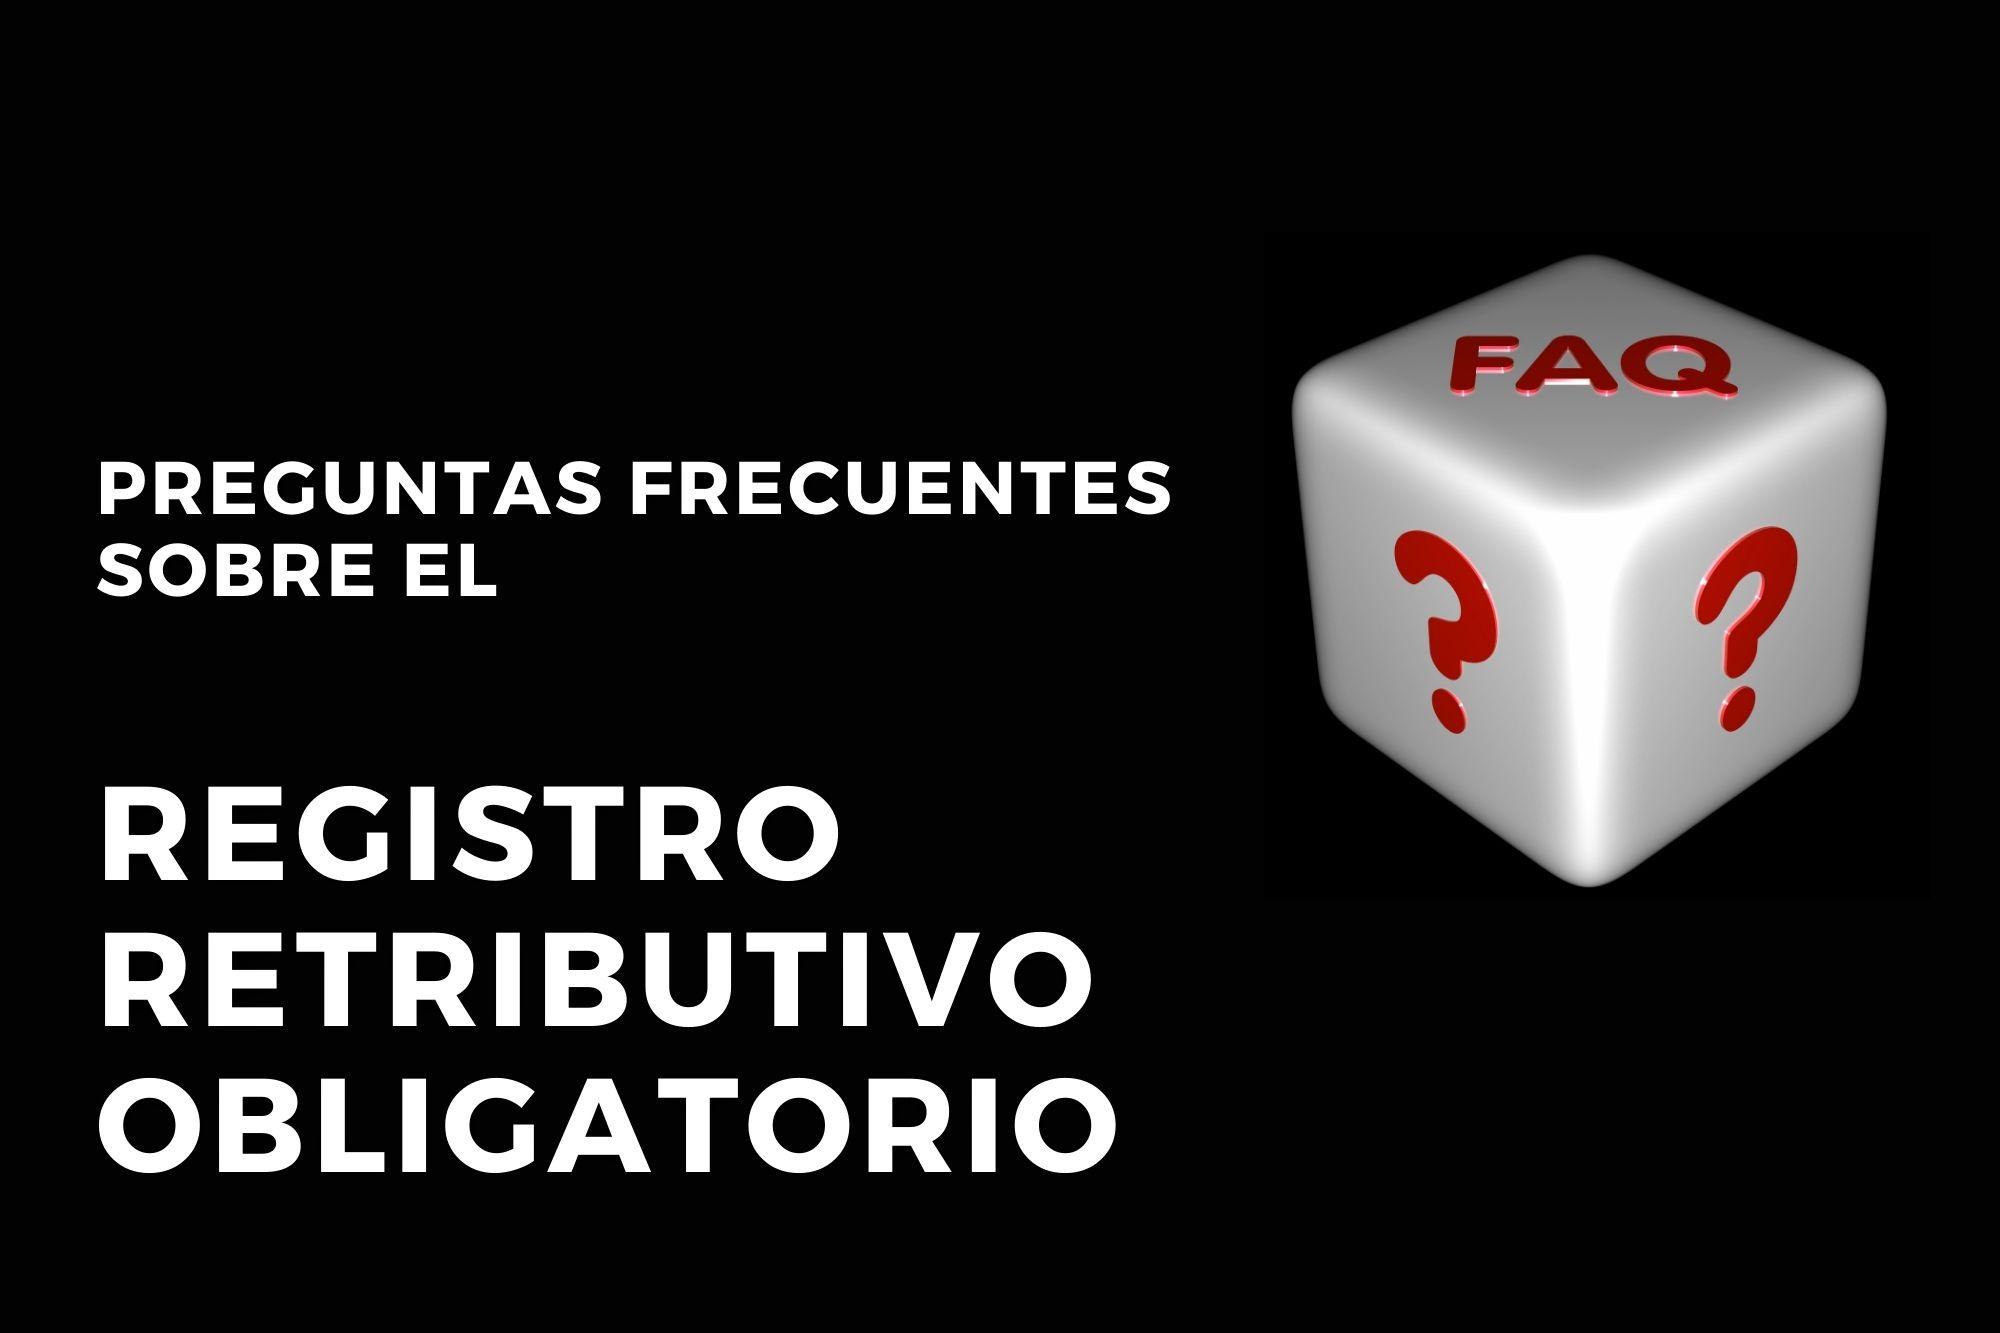 Preguntas Frecuentes Sobre El Registro Retributivo Obligatorio